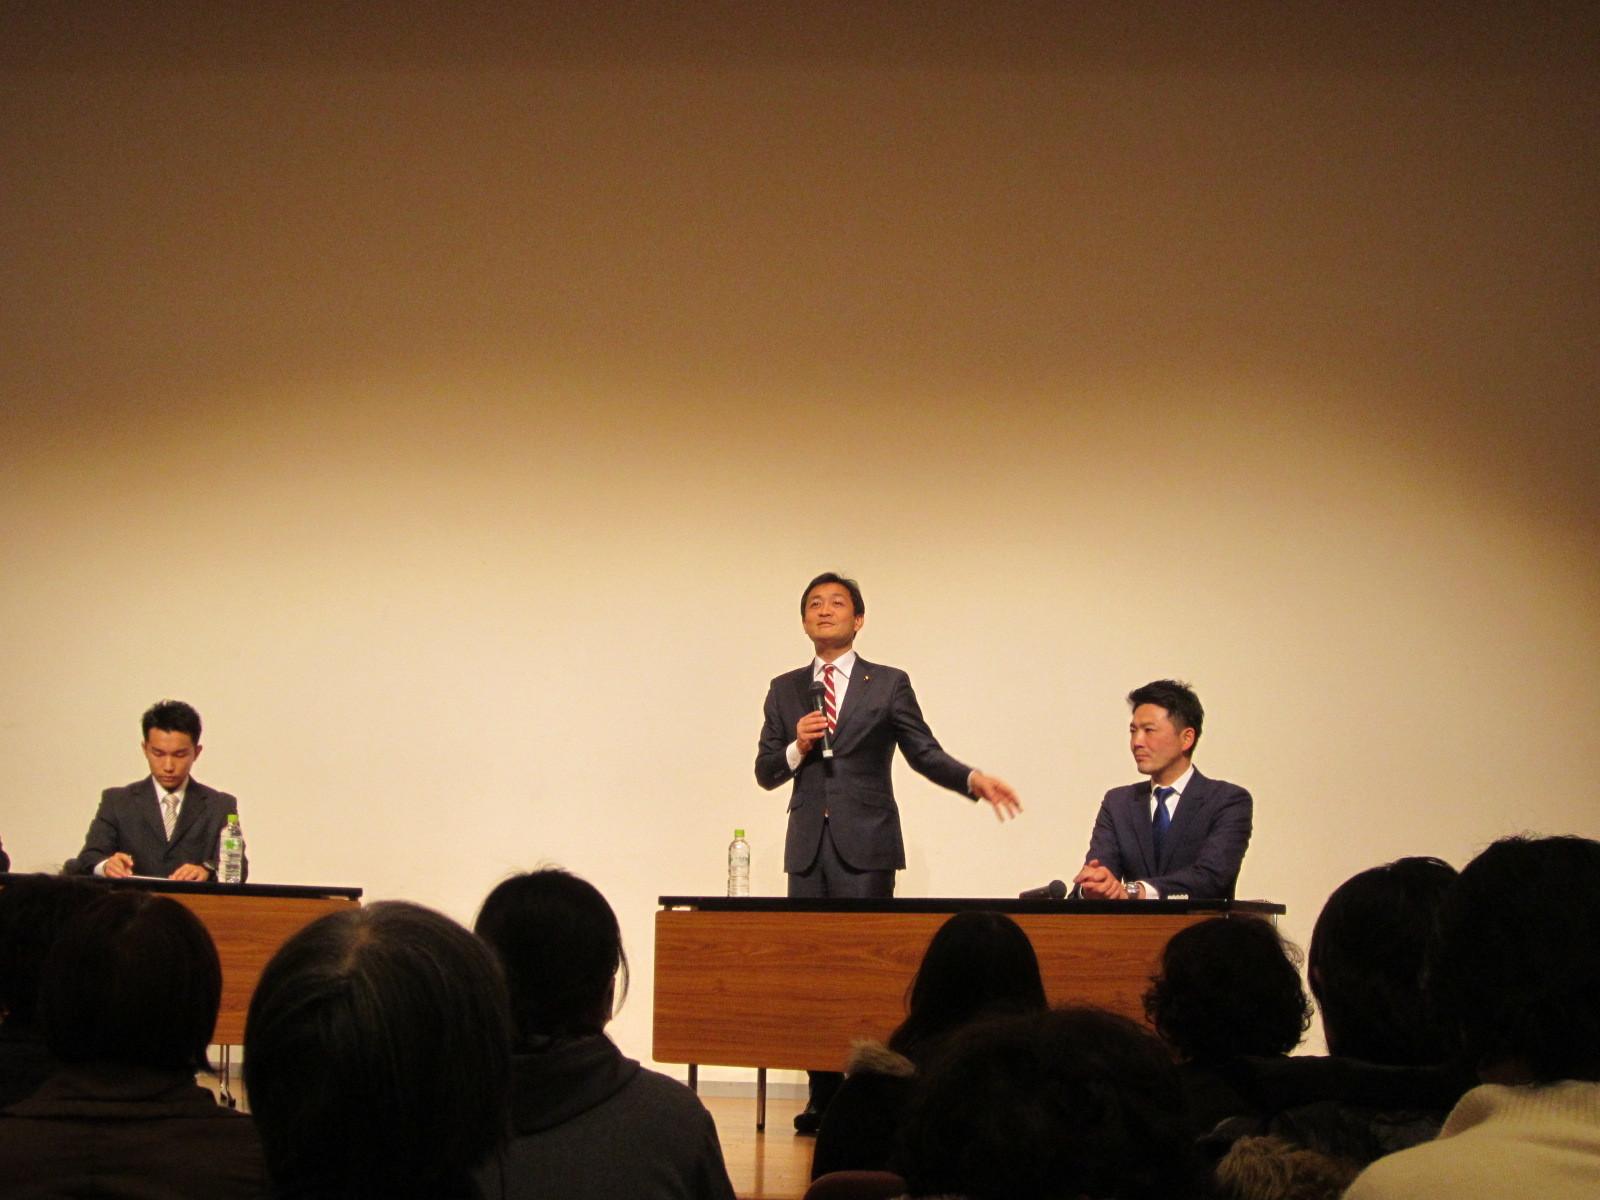 玉木雄一郎 & 関健一郎 講演会_c0189426_21212365.jpg